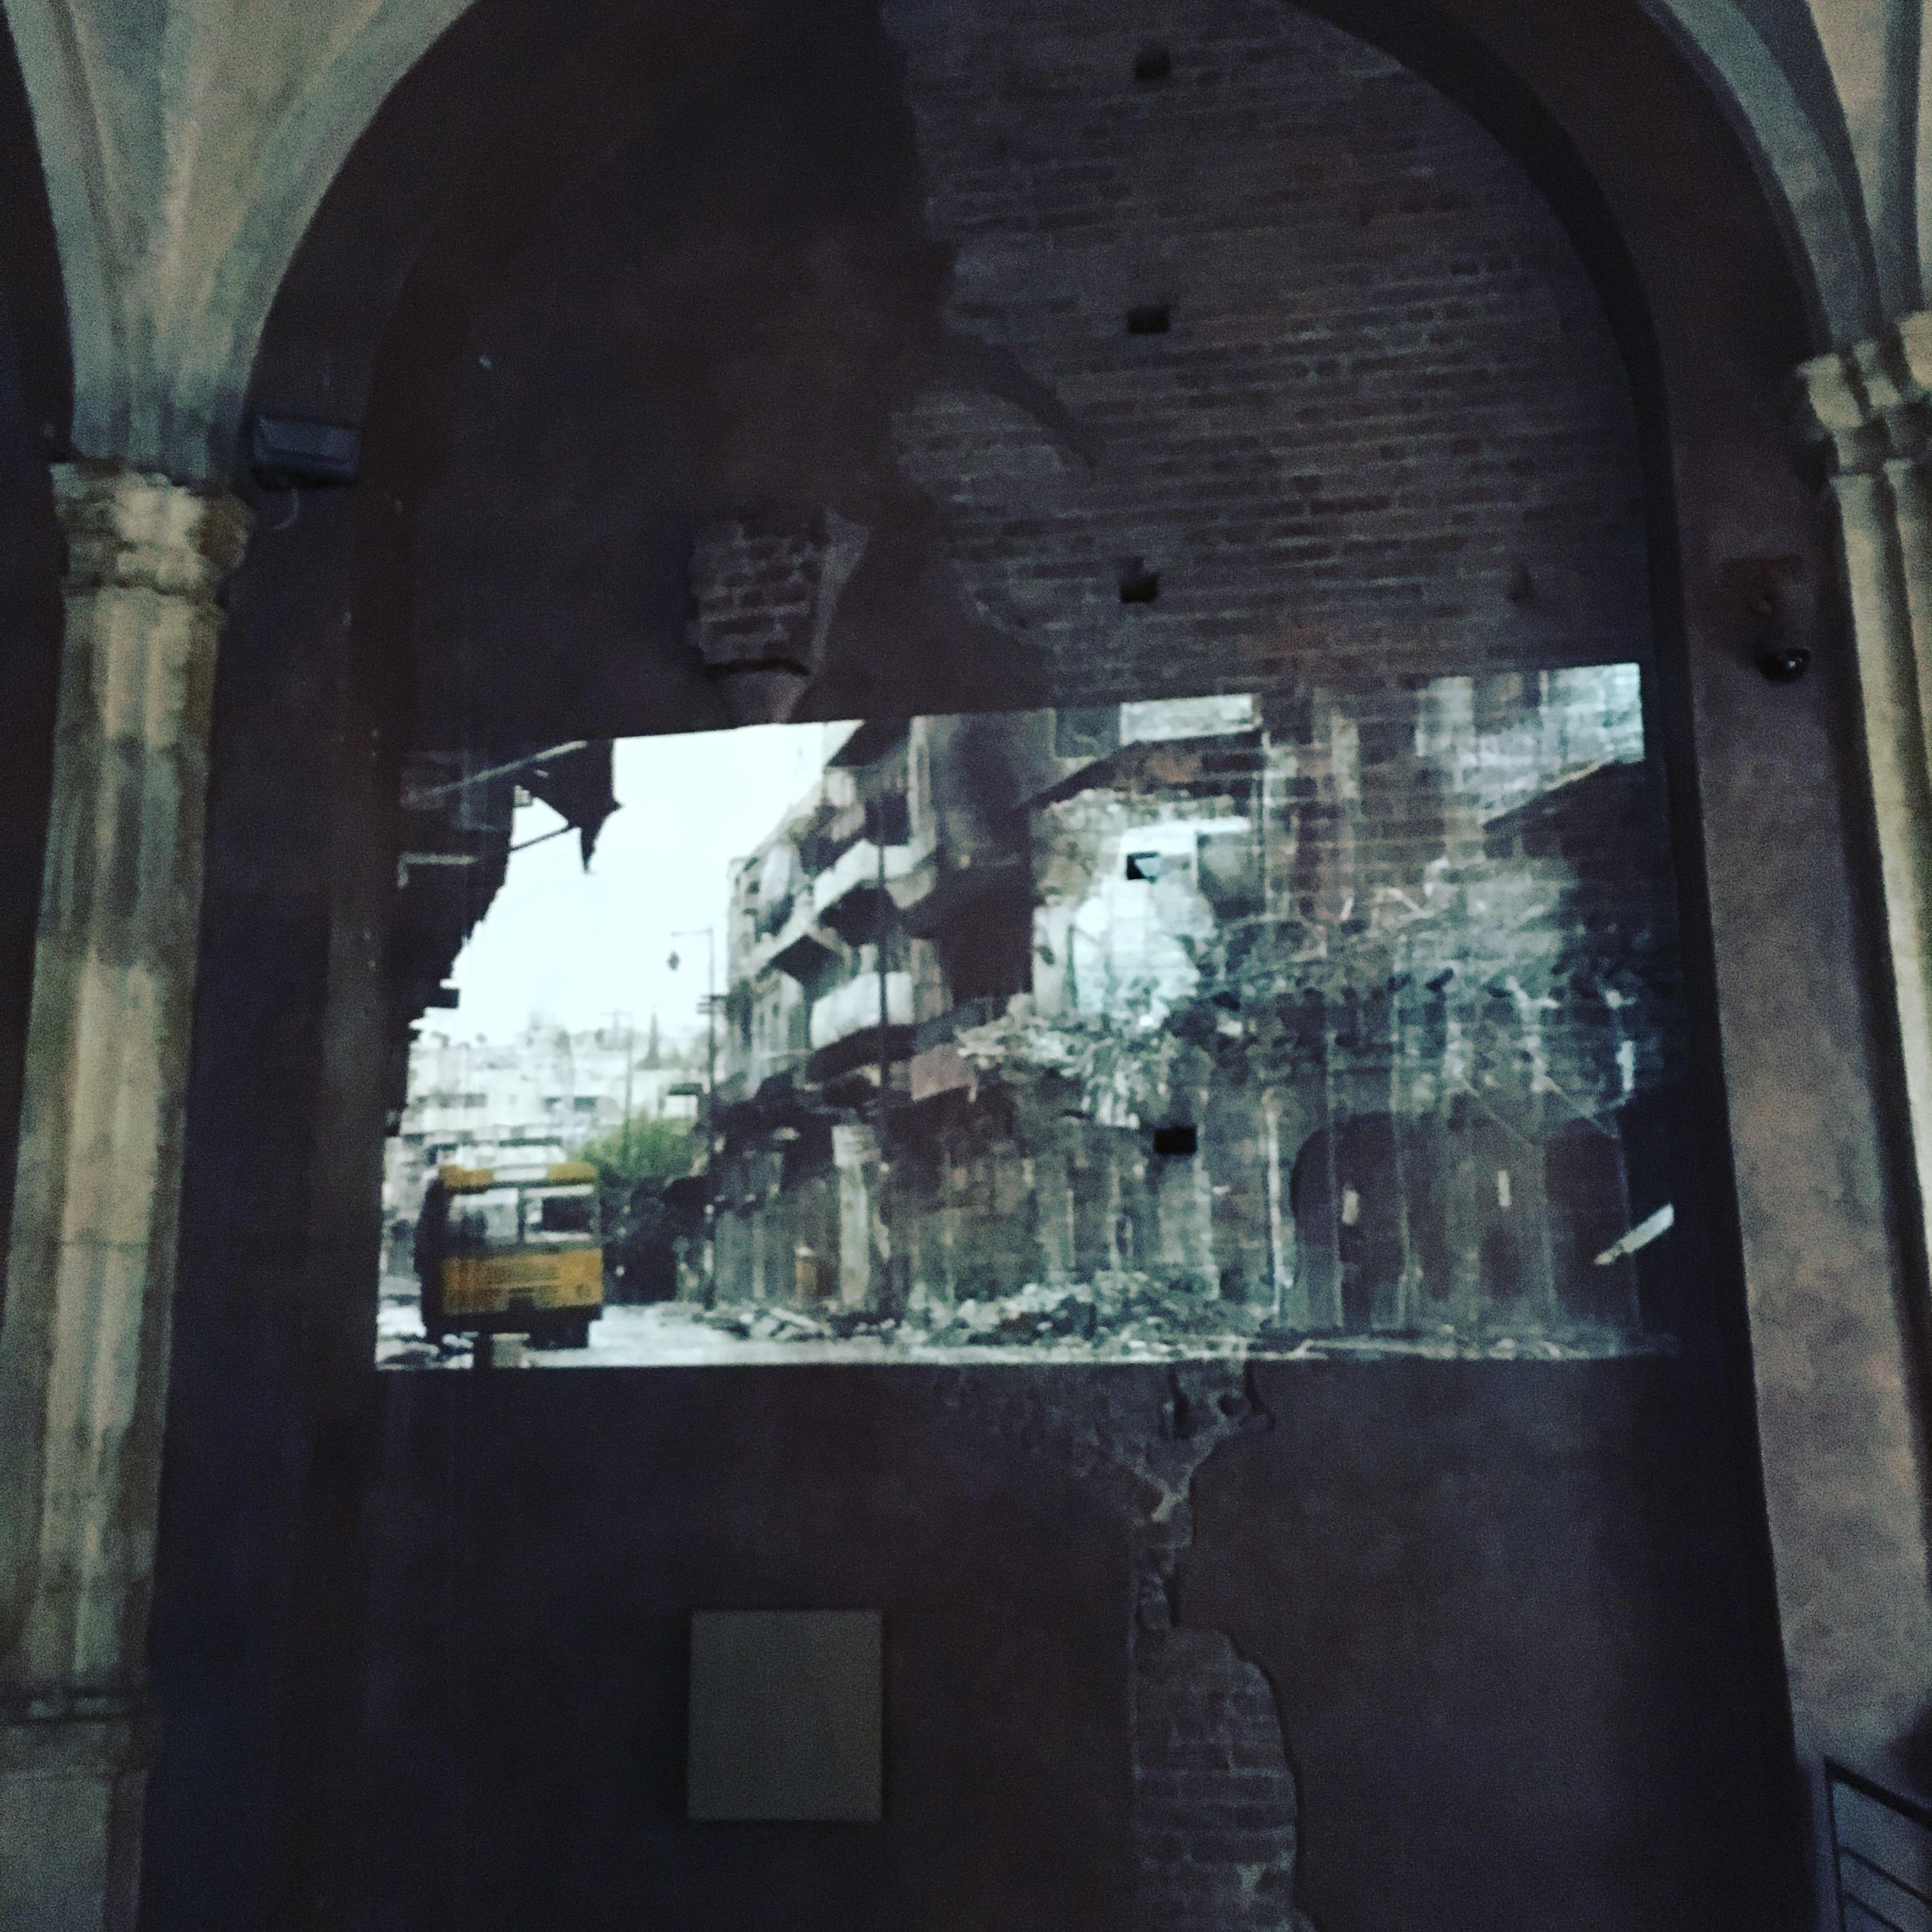 talentieventi-in-prima-linea-donne-fotoreporter-in-luoghi-di-guerra-palazzo-madama-torino